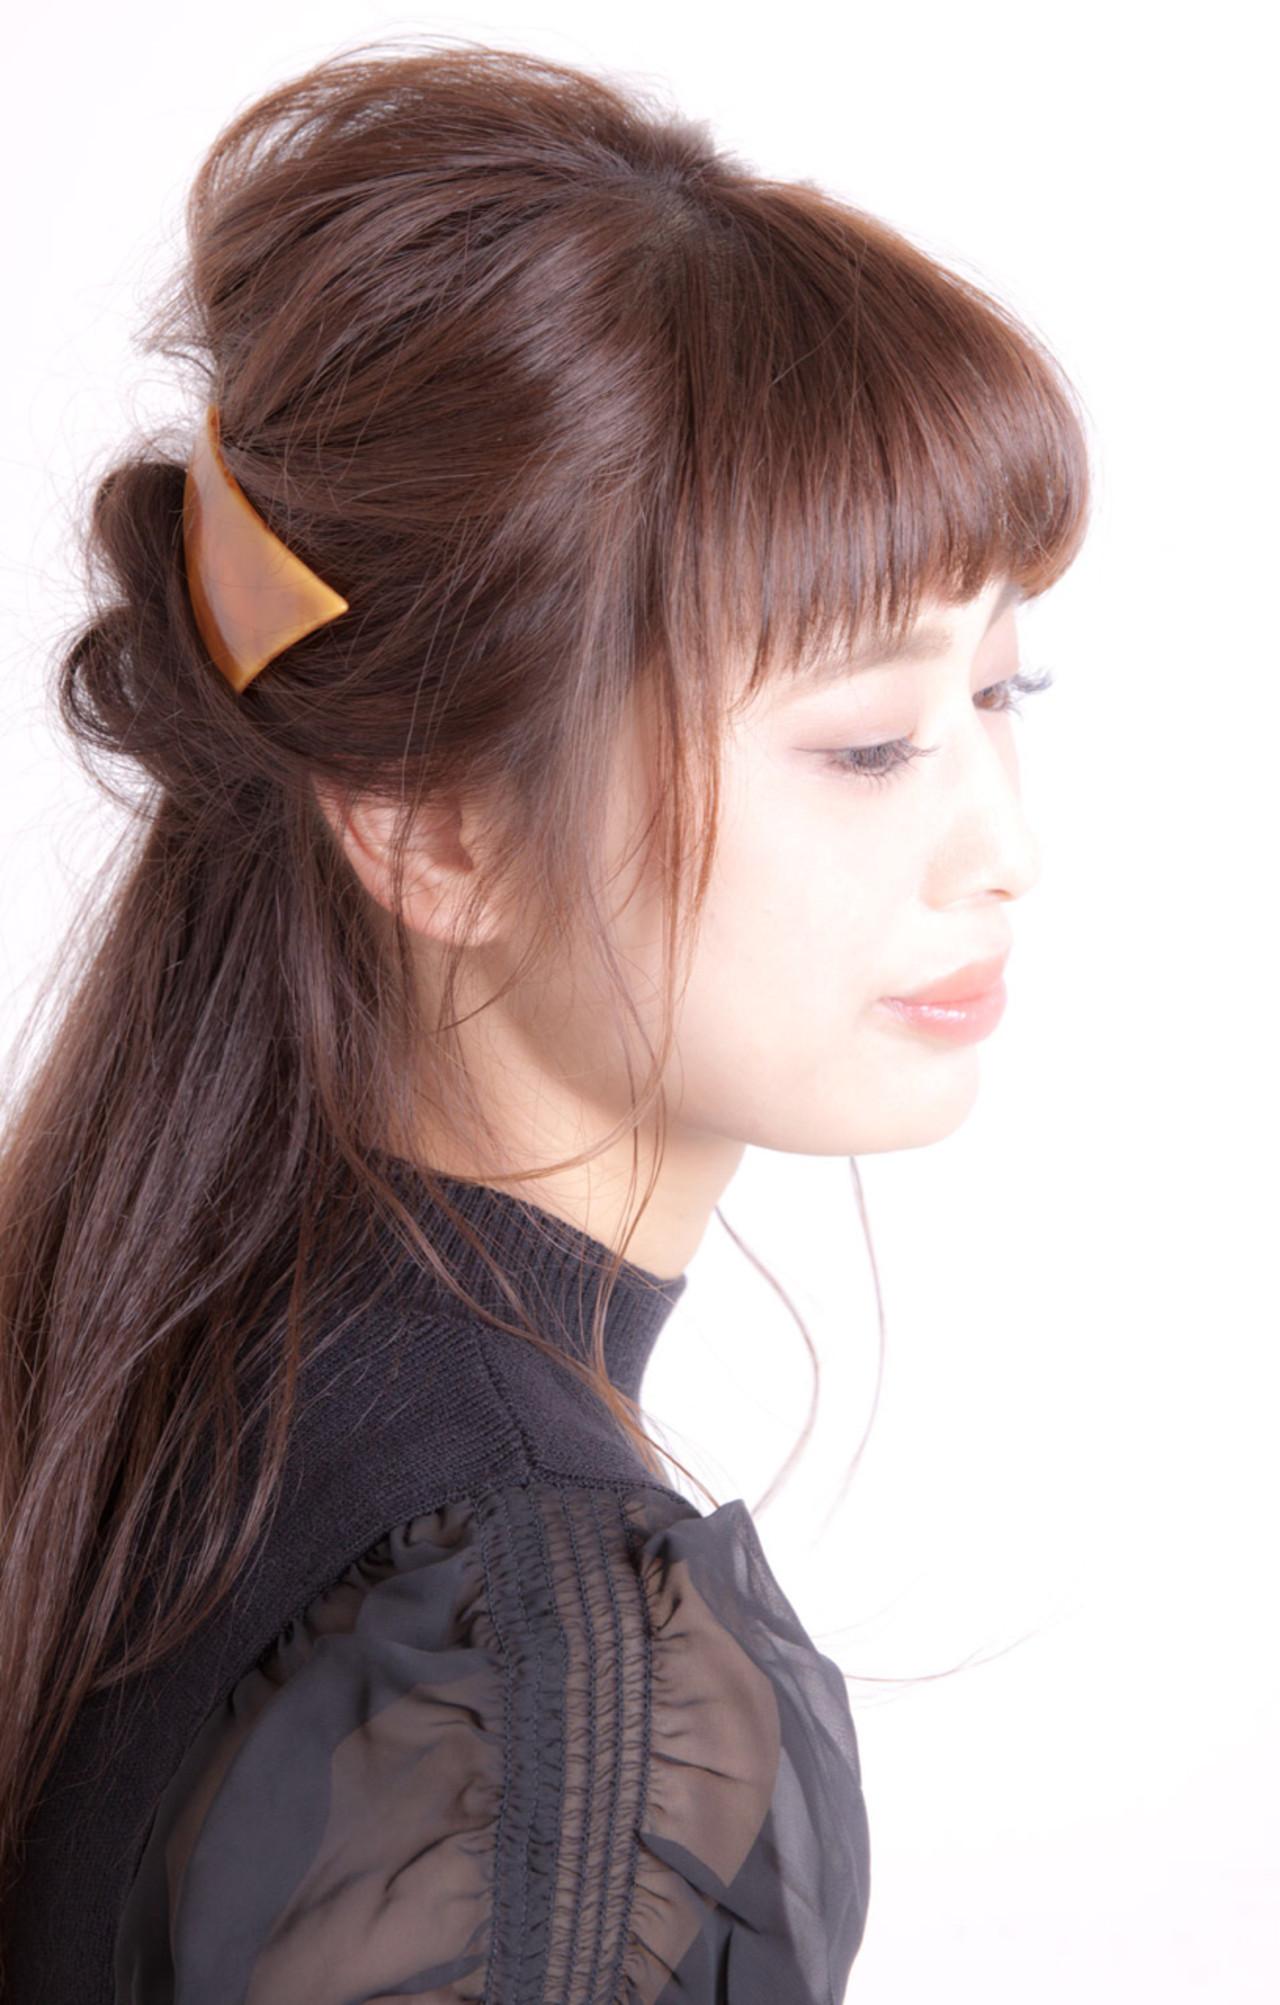 ハーフアップ ヘアアレンジ ショート 大人女子 ヘアスタイルや髪型の写真・画像